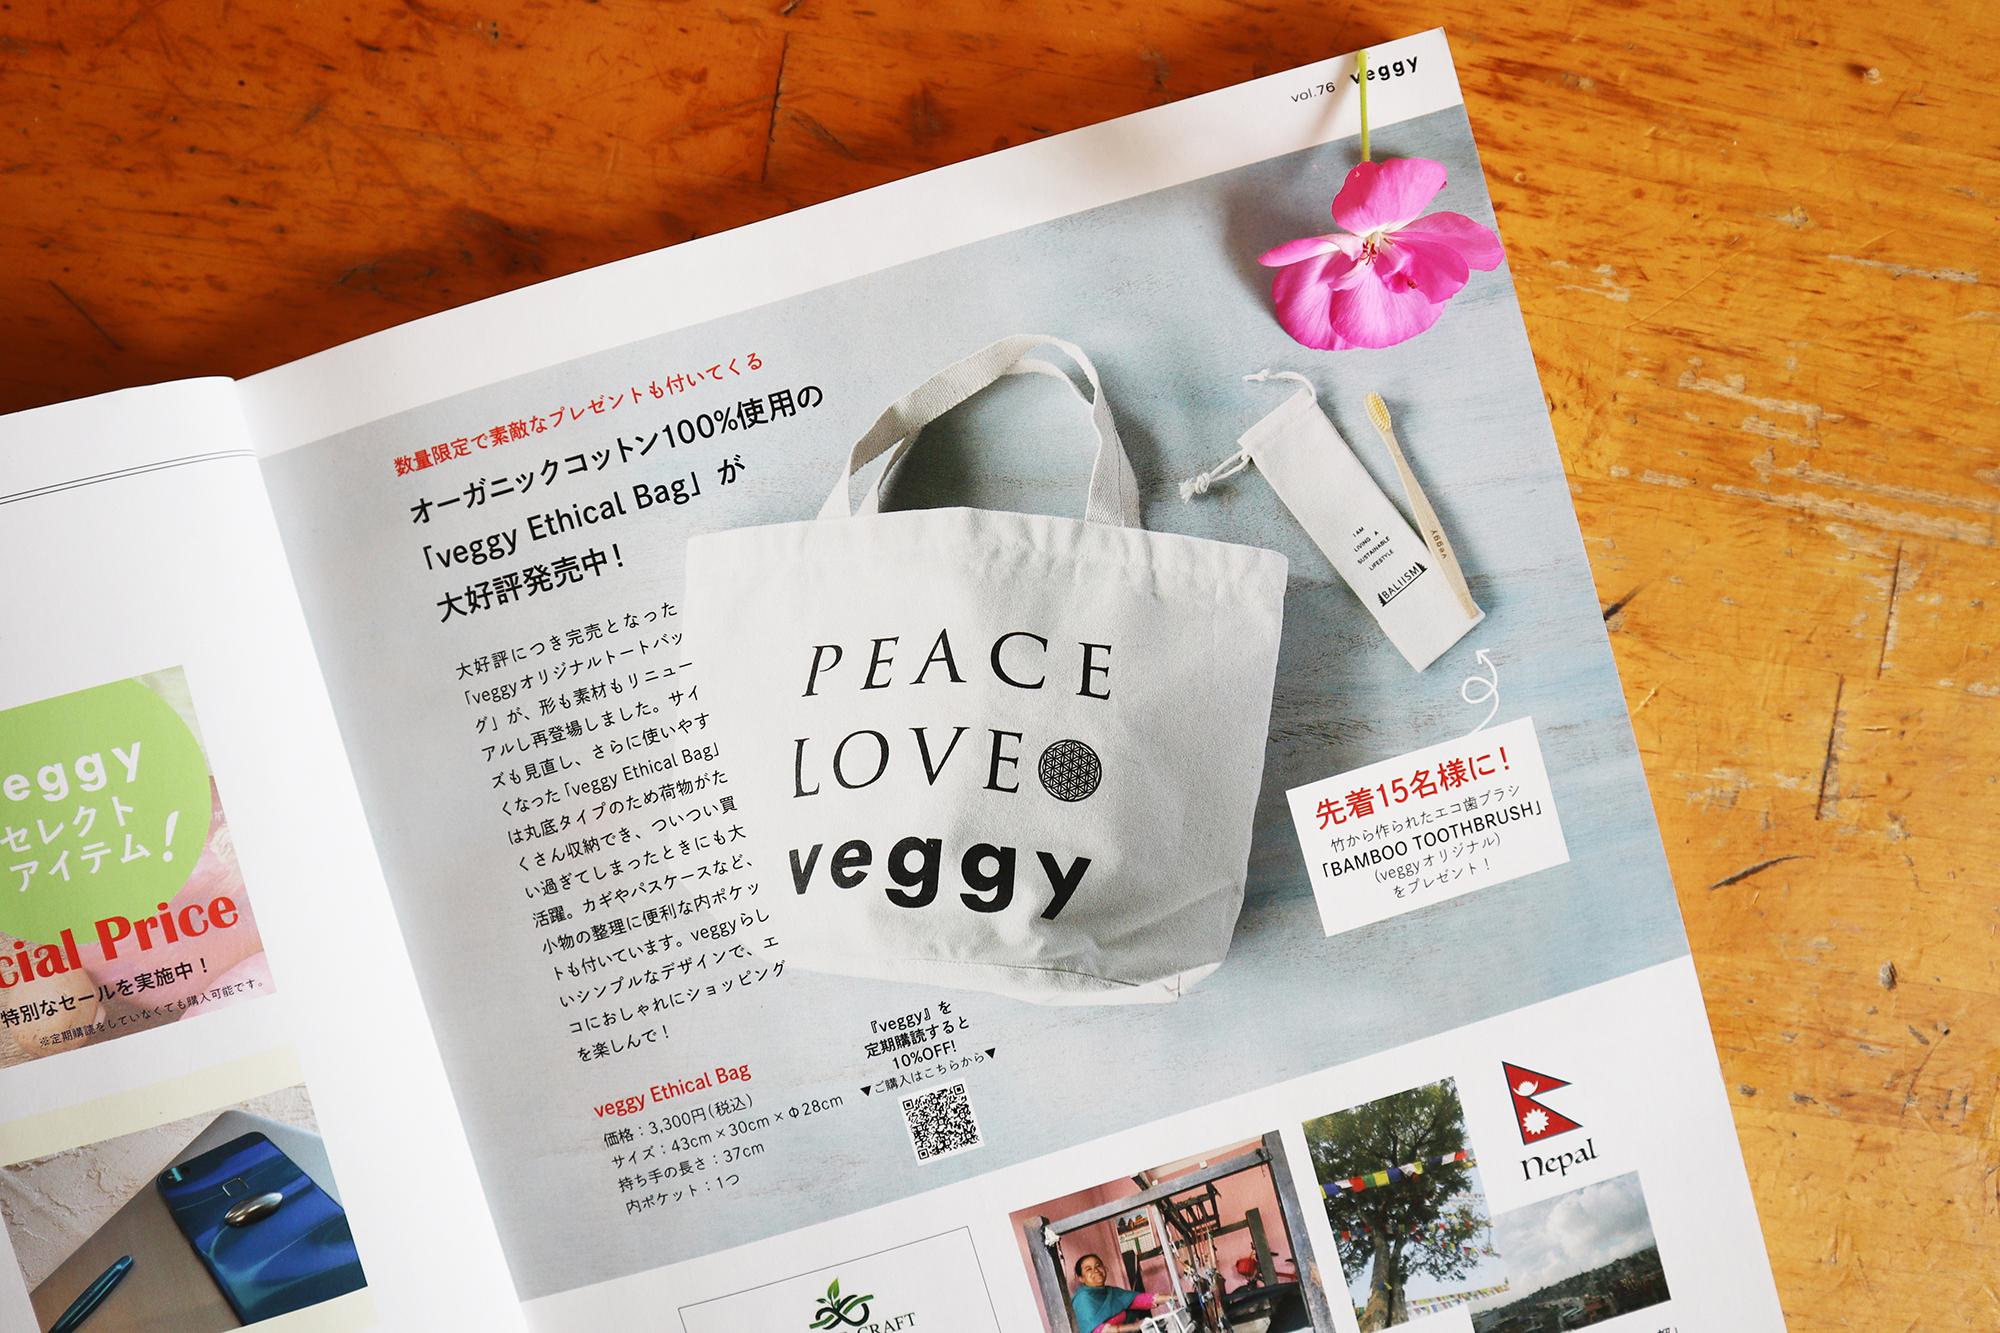 veggyのロゴが入ったオリジナル竹歯ブラシを限定プレゼント!